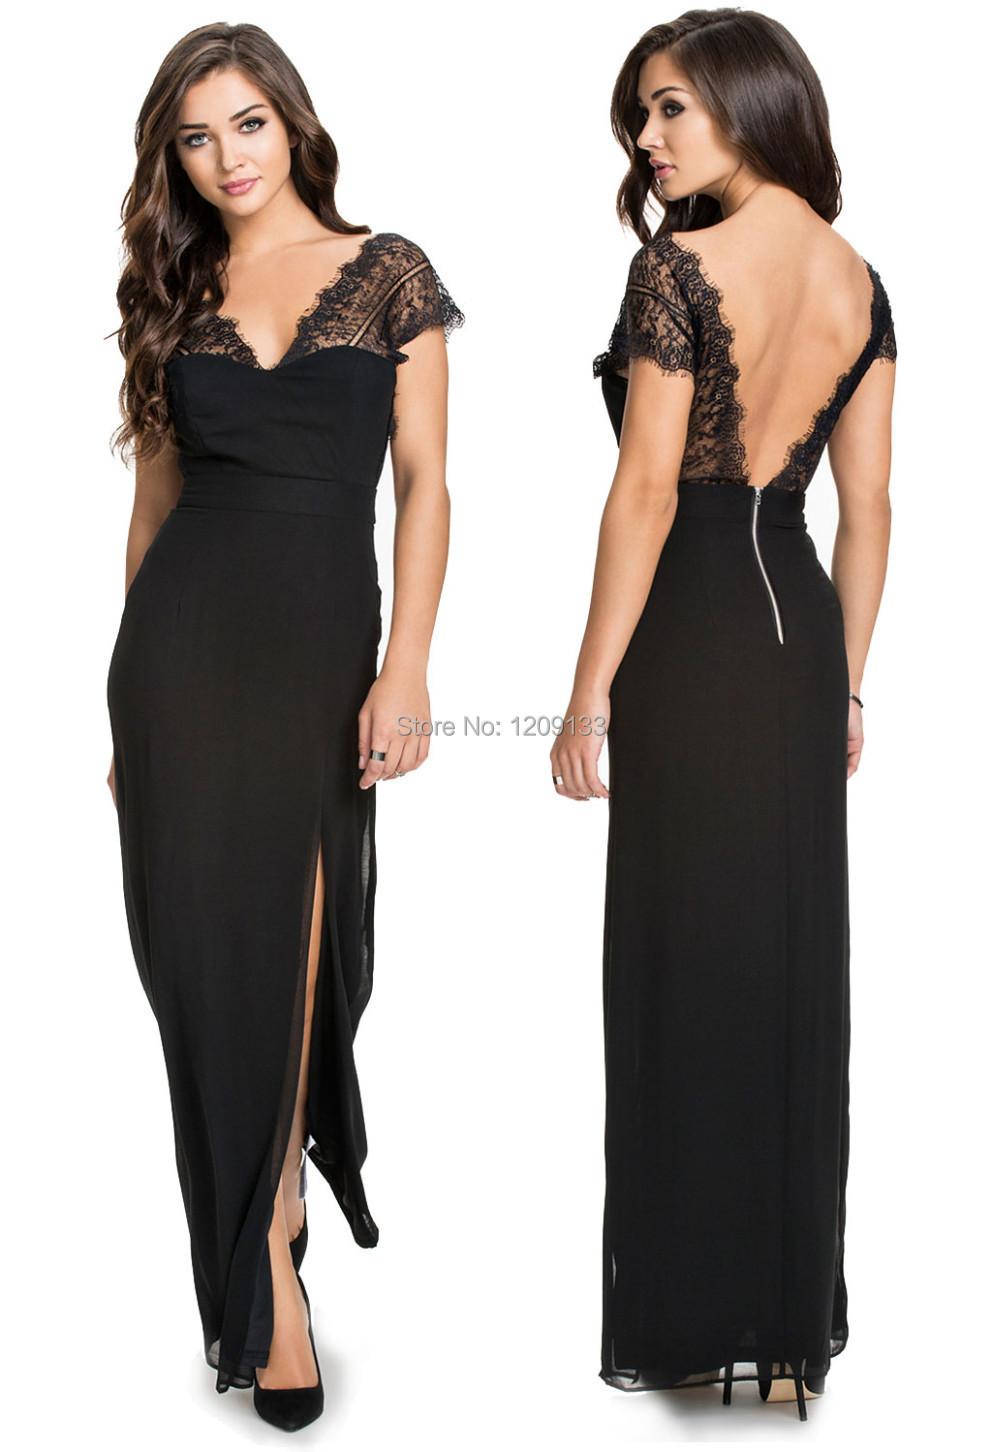 Формальные женщины платье вечера партии шикарный сексуальный спинки разрез стороны шифон кружевном платье abendkleider 2015 vestidos de festa лонго